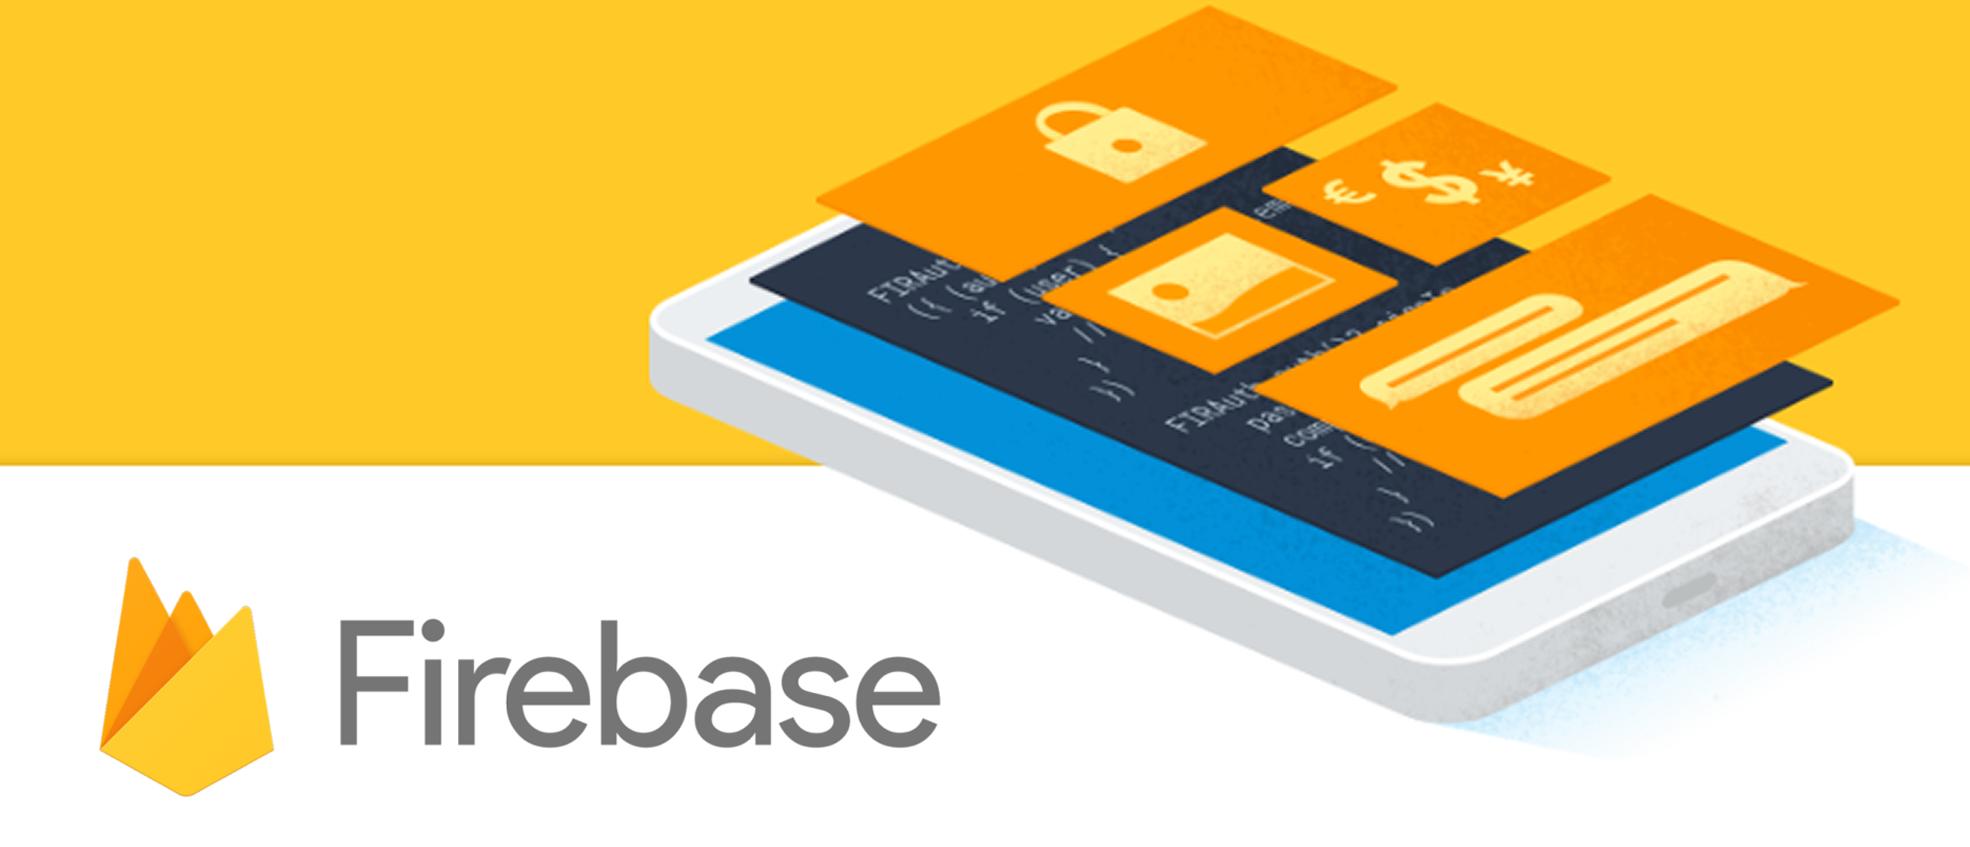 Firebase ile düğümün altındaki verileri alma | Firebase/android how get children keys and values